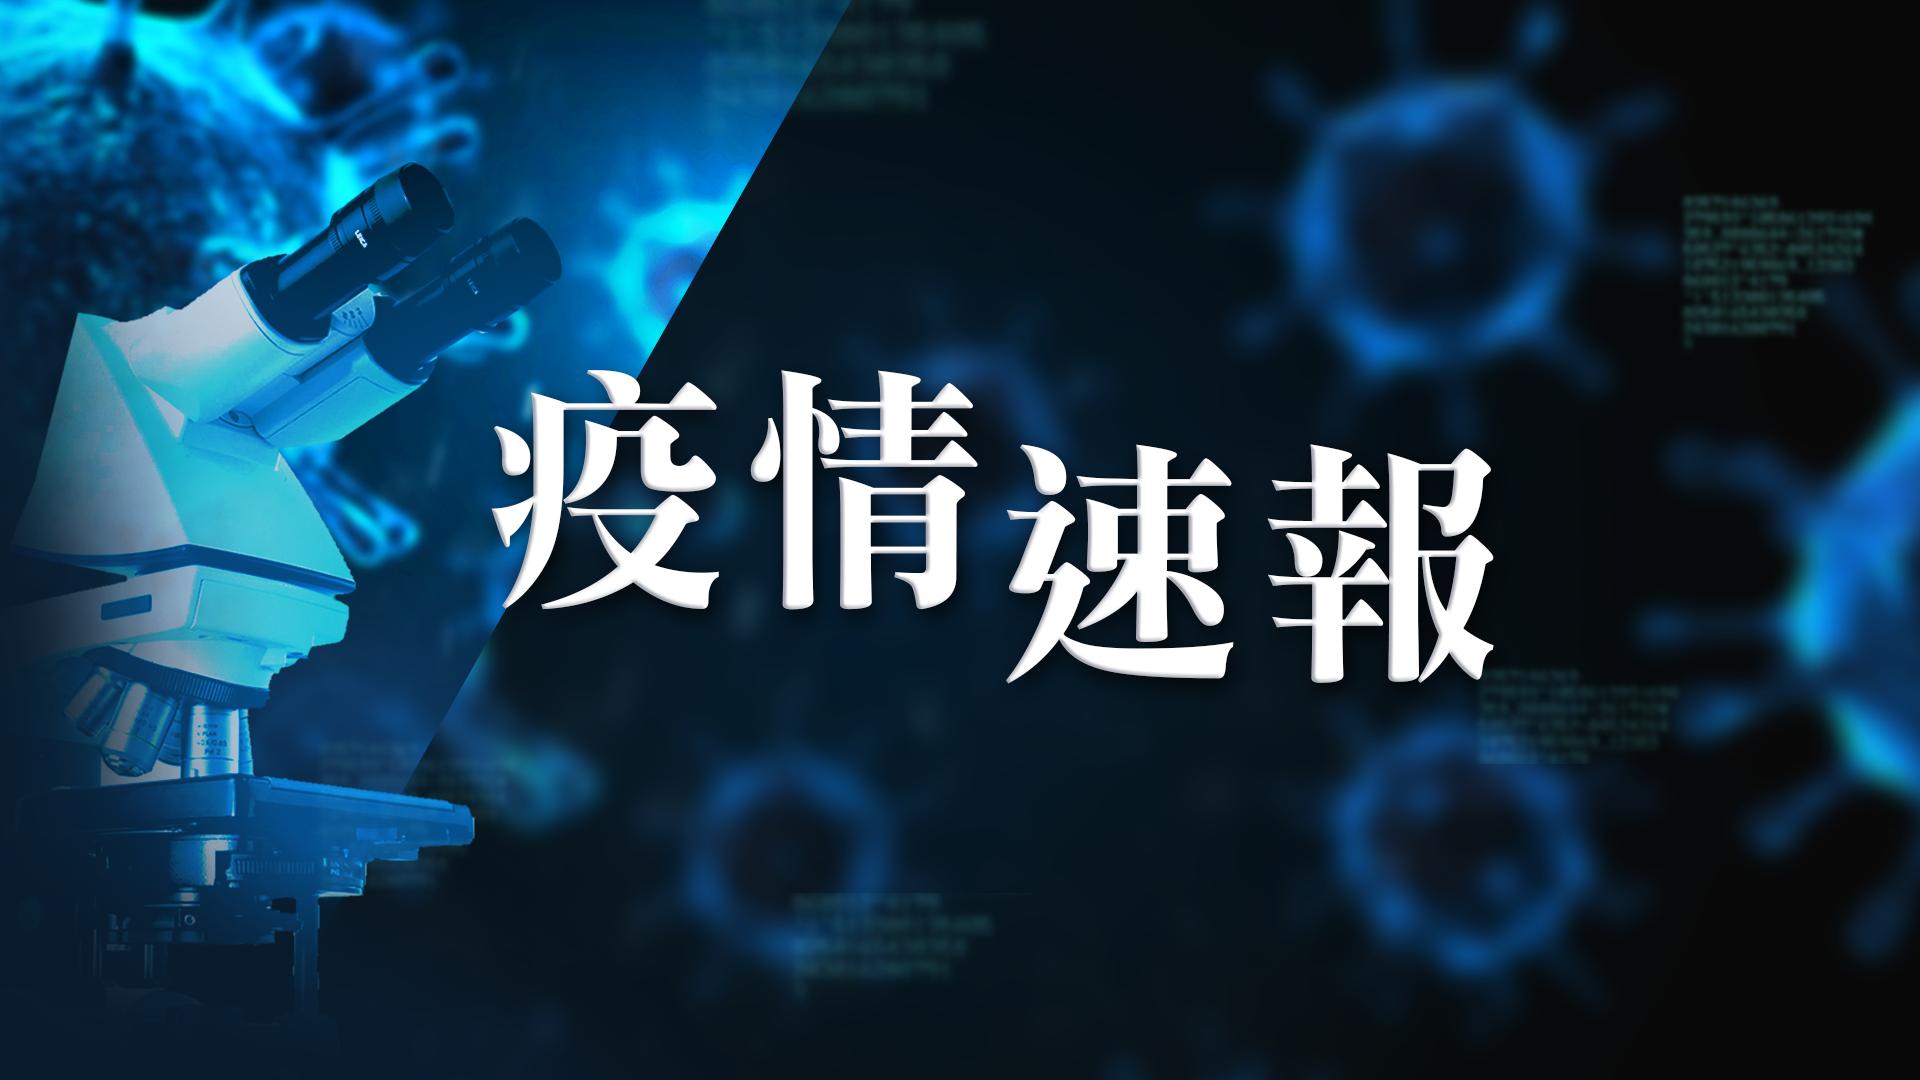 【7月16日疫情速報】(21:30)